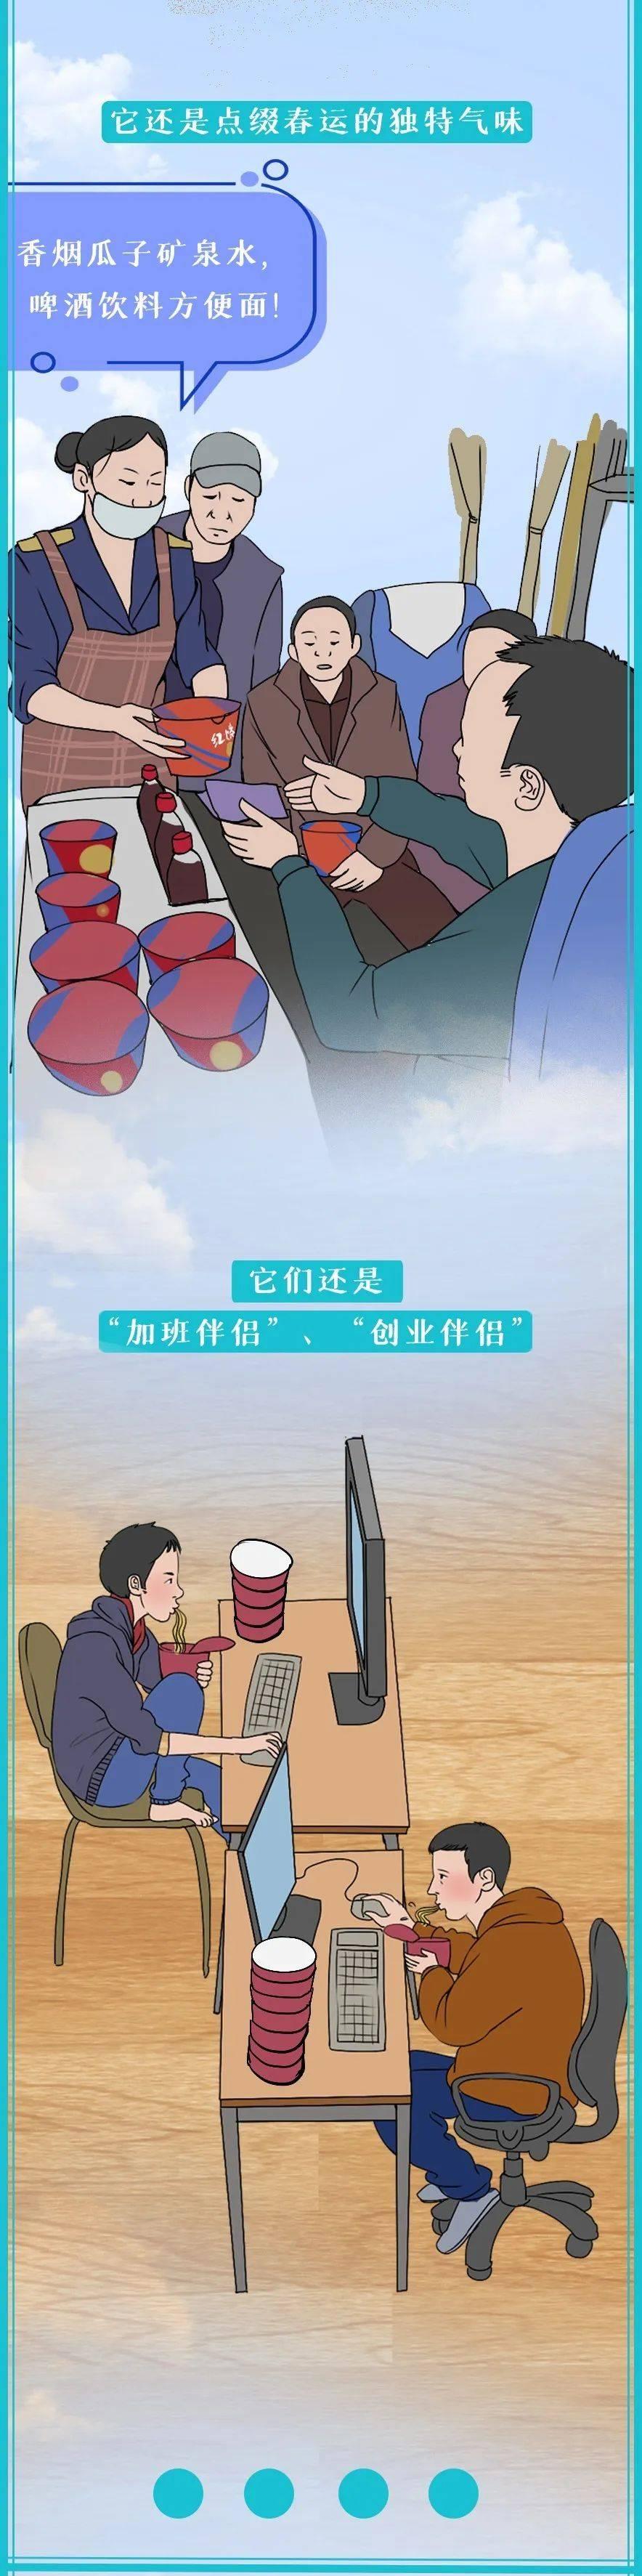 中华美食千千万,为什么中国人却对泡面情有独钟?